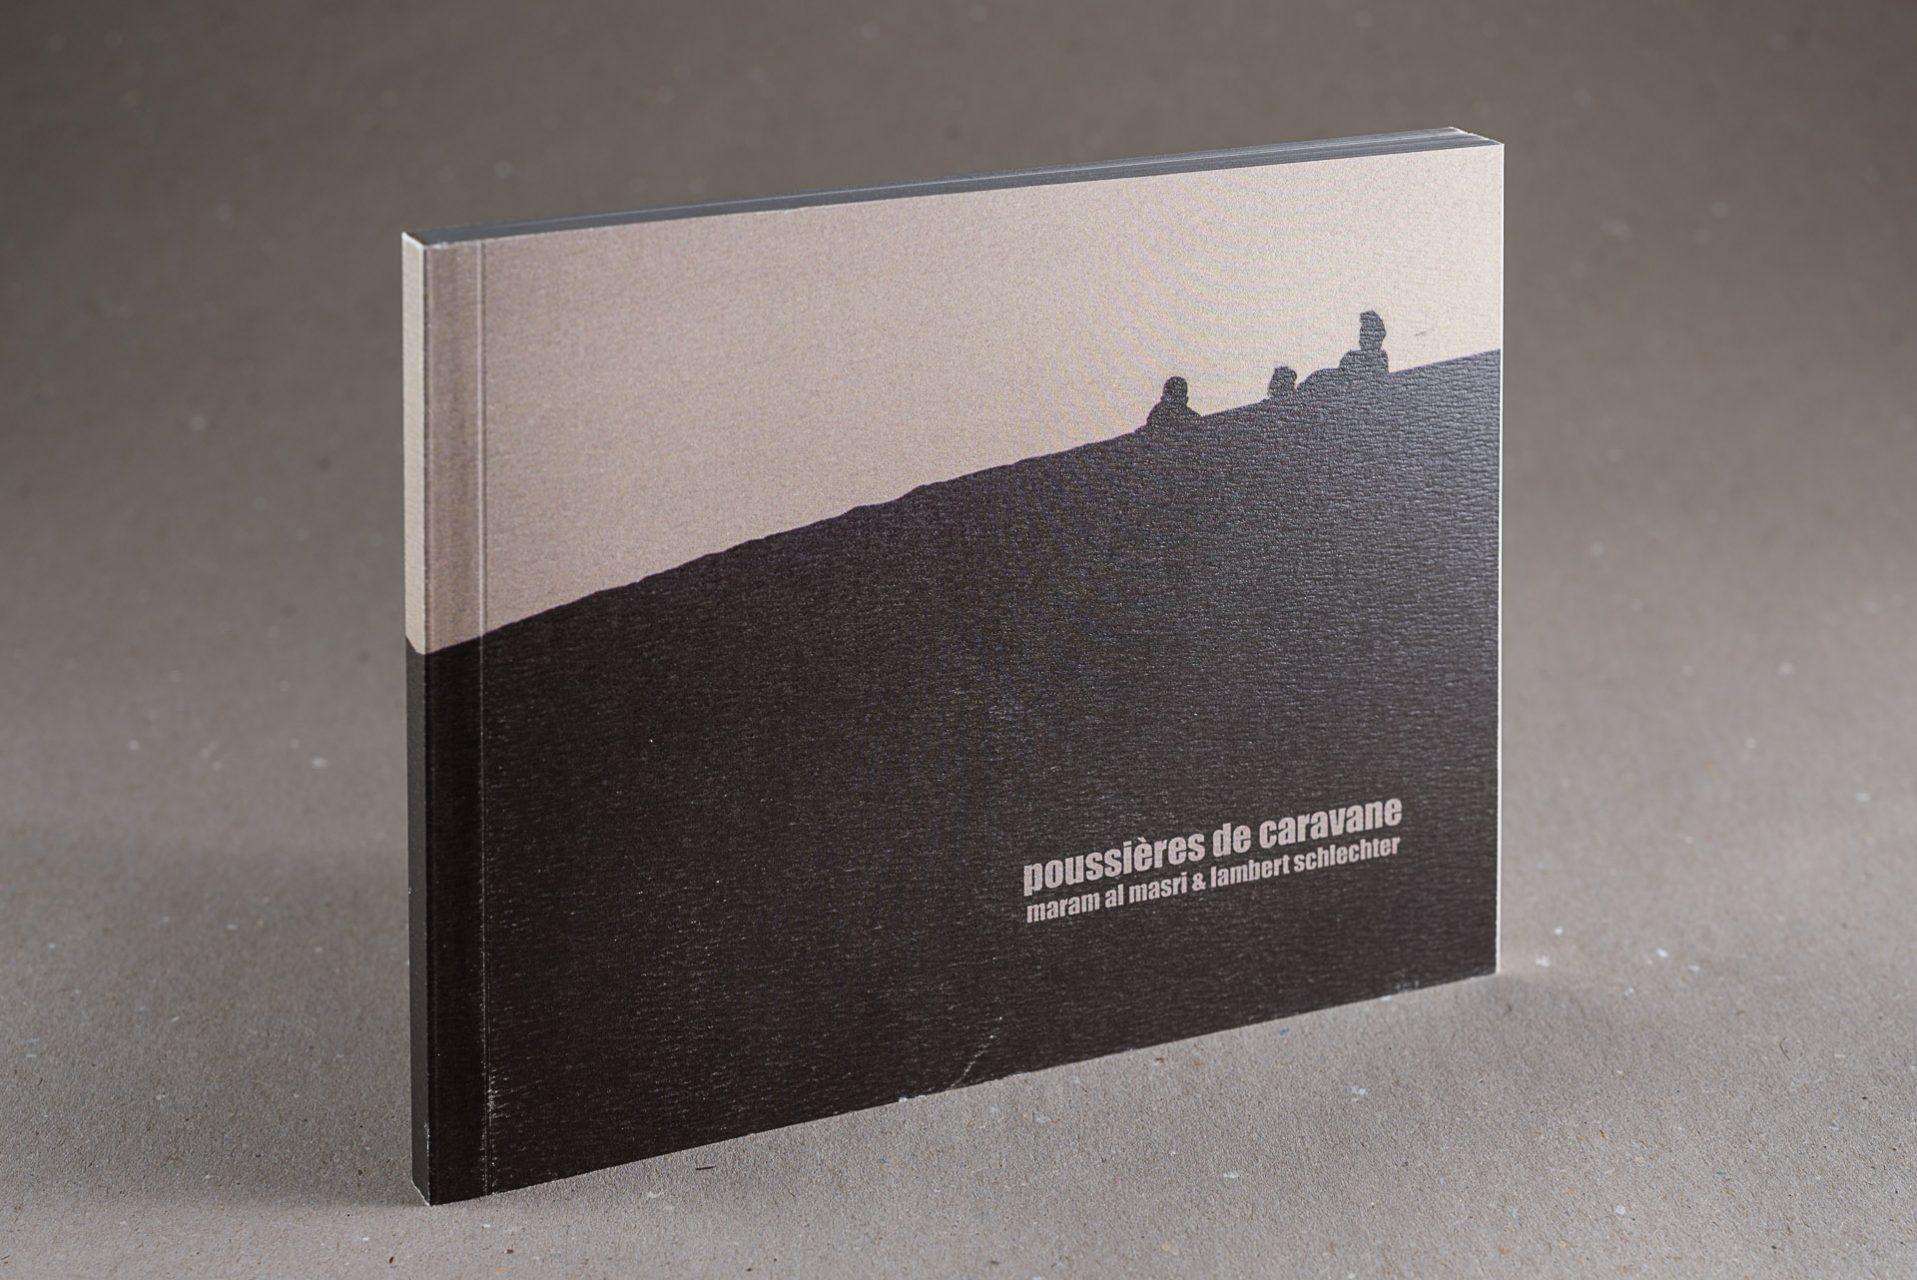 web-hd-nuit-myrtide-livre-poussieres-de-caravane-al-masri-schlechter-01